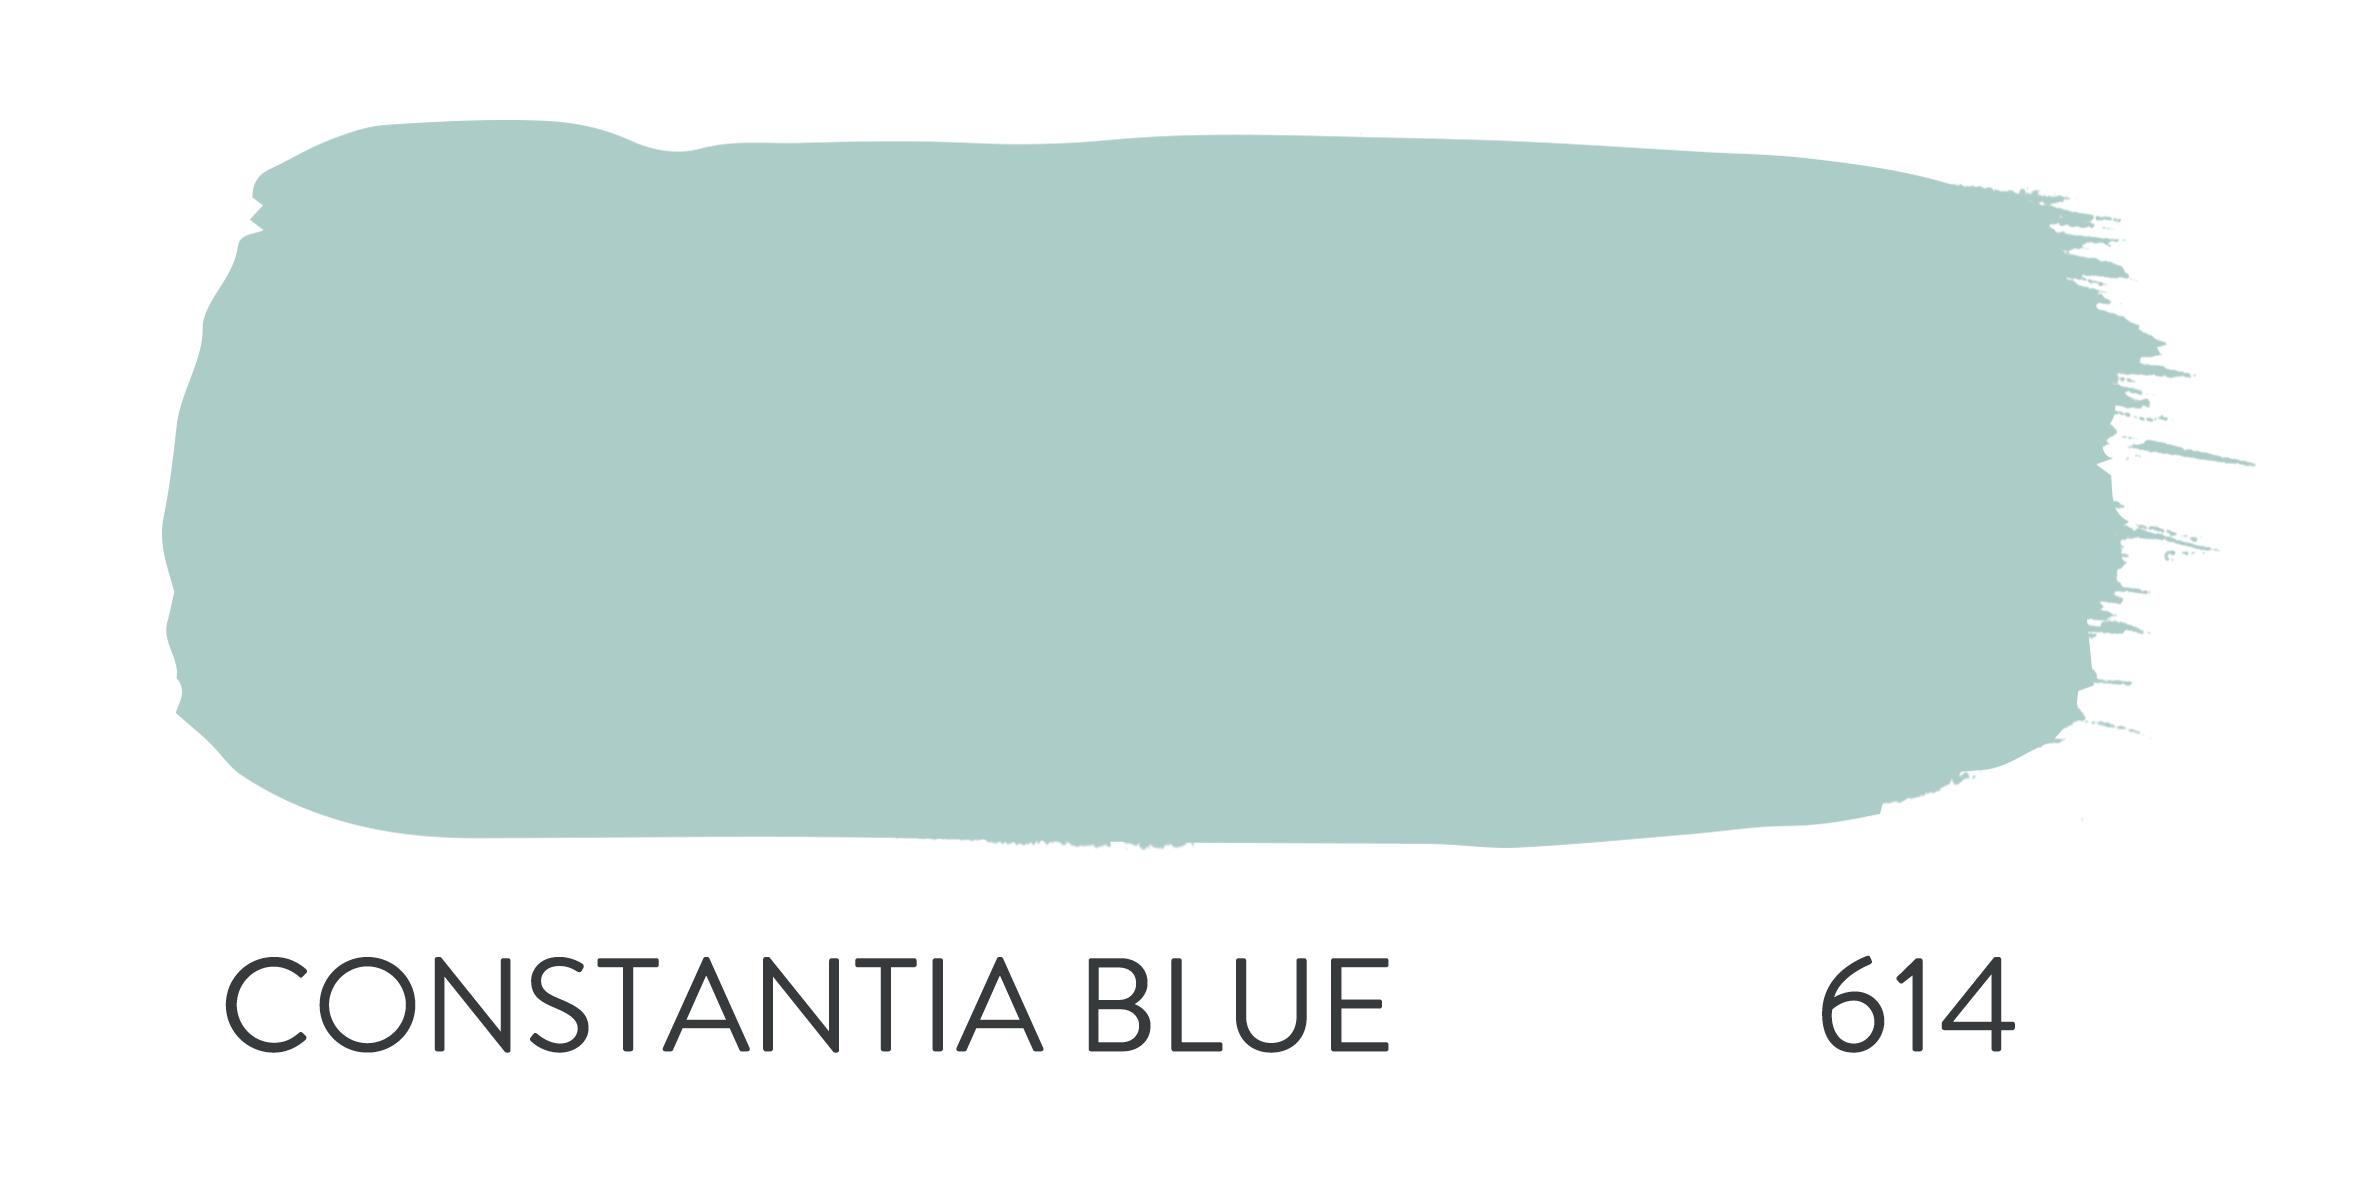 CONSTANTIA BLUE 614.jpg